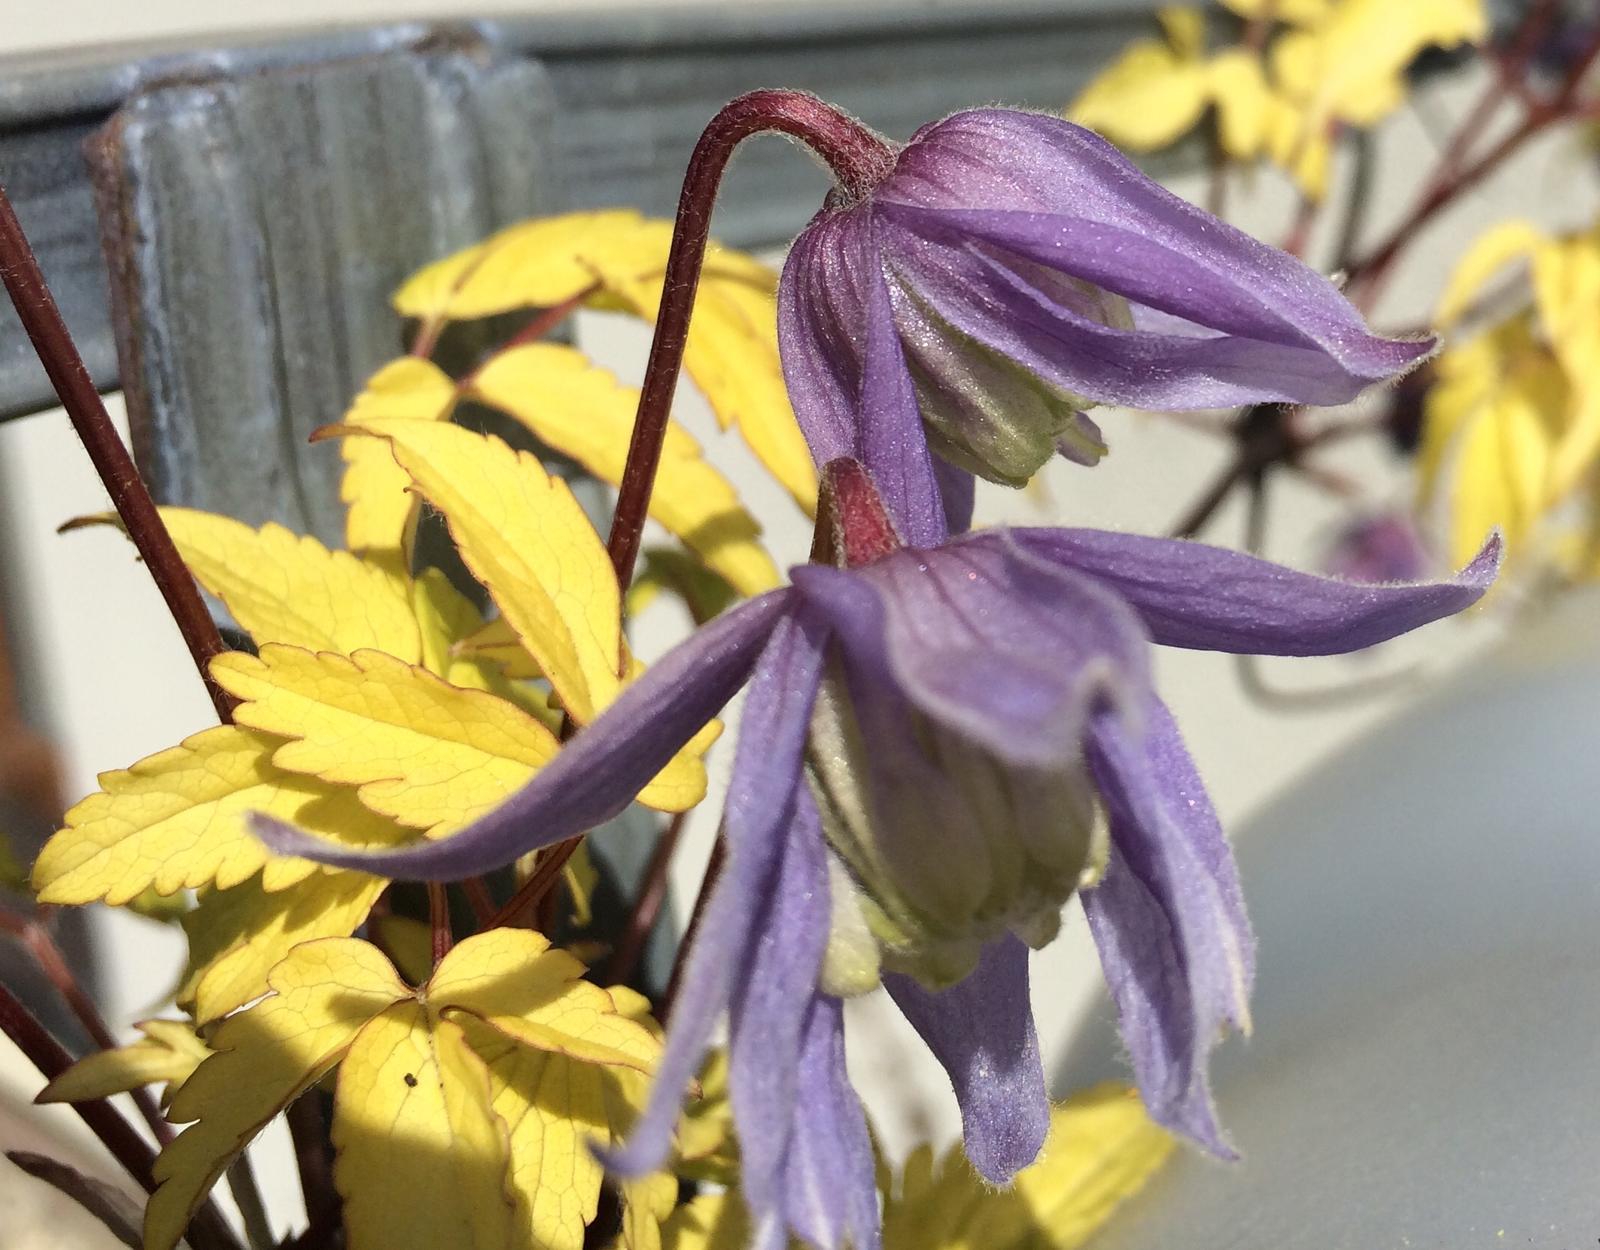 Dům i Zahrada 2019 - Konečně rozvinul květy clematis Stolwijk gold... mám ho na barelů s vodou, kde se ne moc dobře fotí